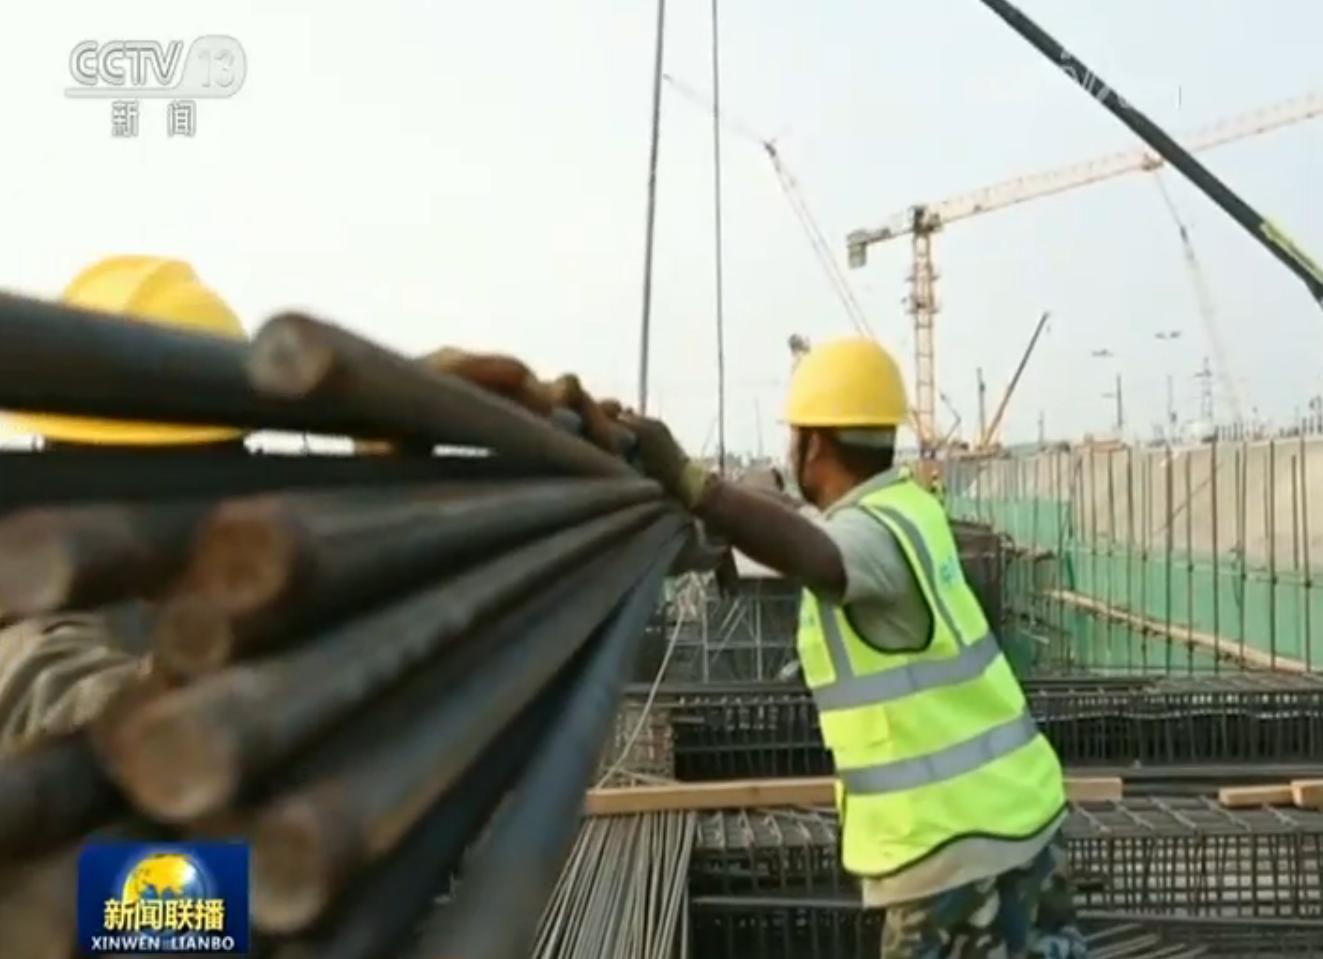 雄安新区转入大规模开工建设阶段 重点项目工程同时施工